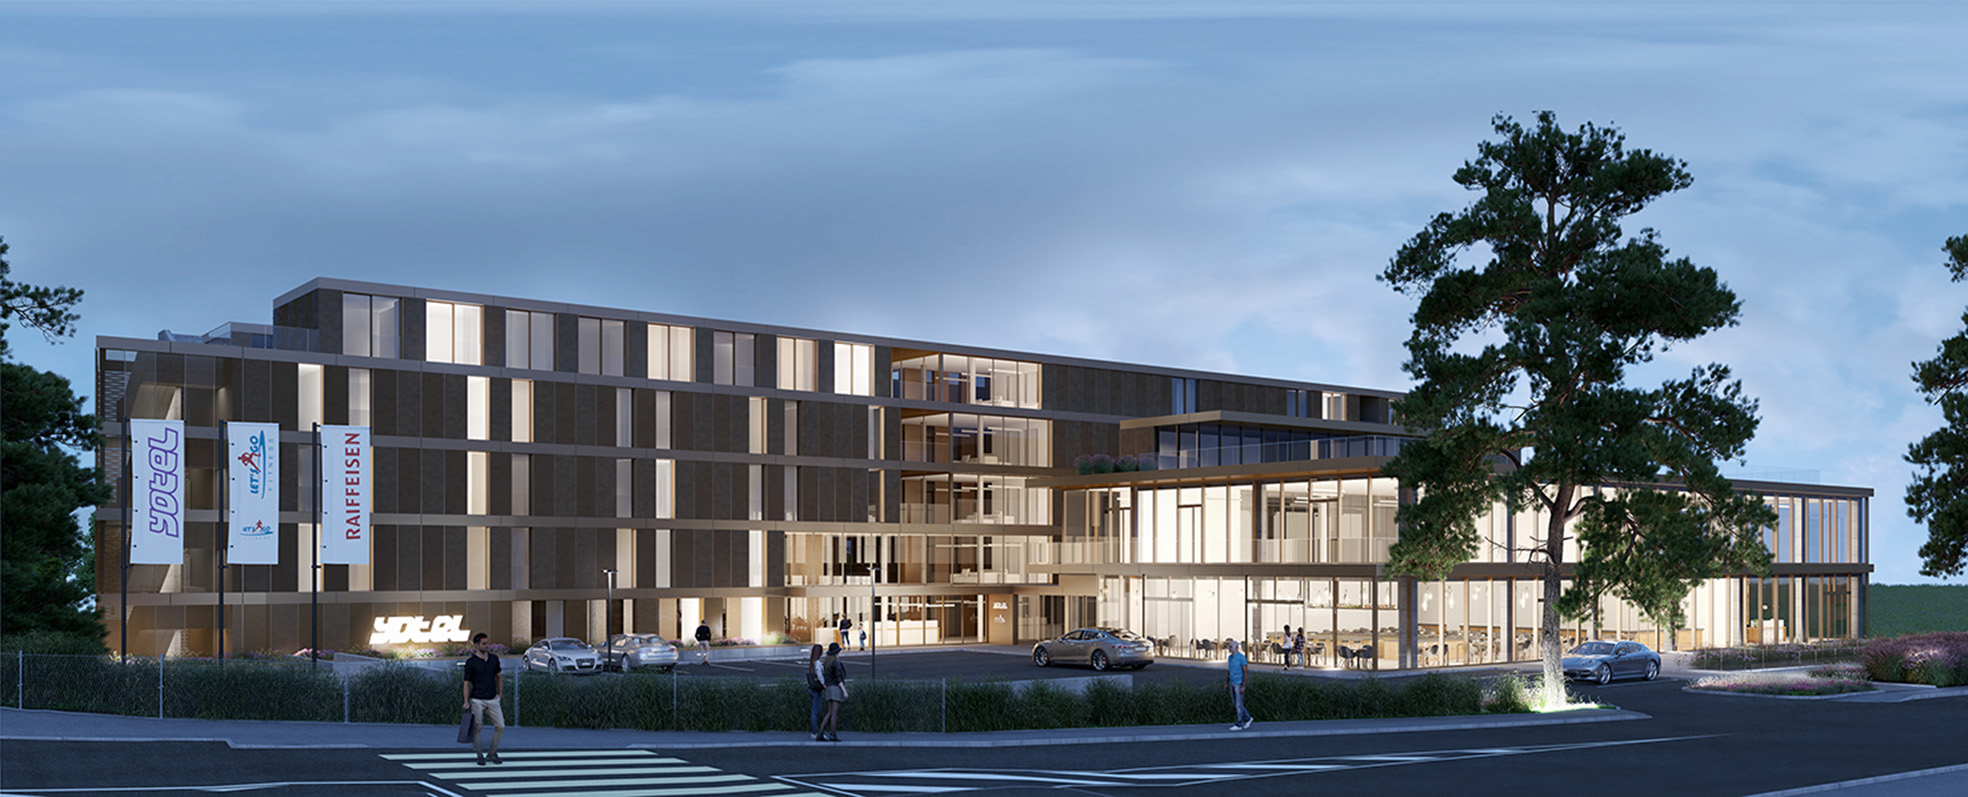 (ris+partenaires en cours)Projet: Construction d'un hôtel et d'une BanqueFounex - SuisseSurface: 8'868 m2Chef de projet:Raoul FrauenfelderMandat: Réalisation